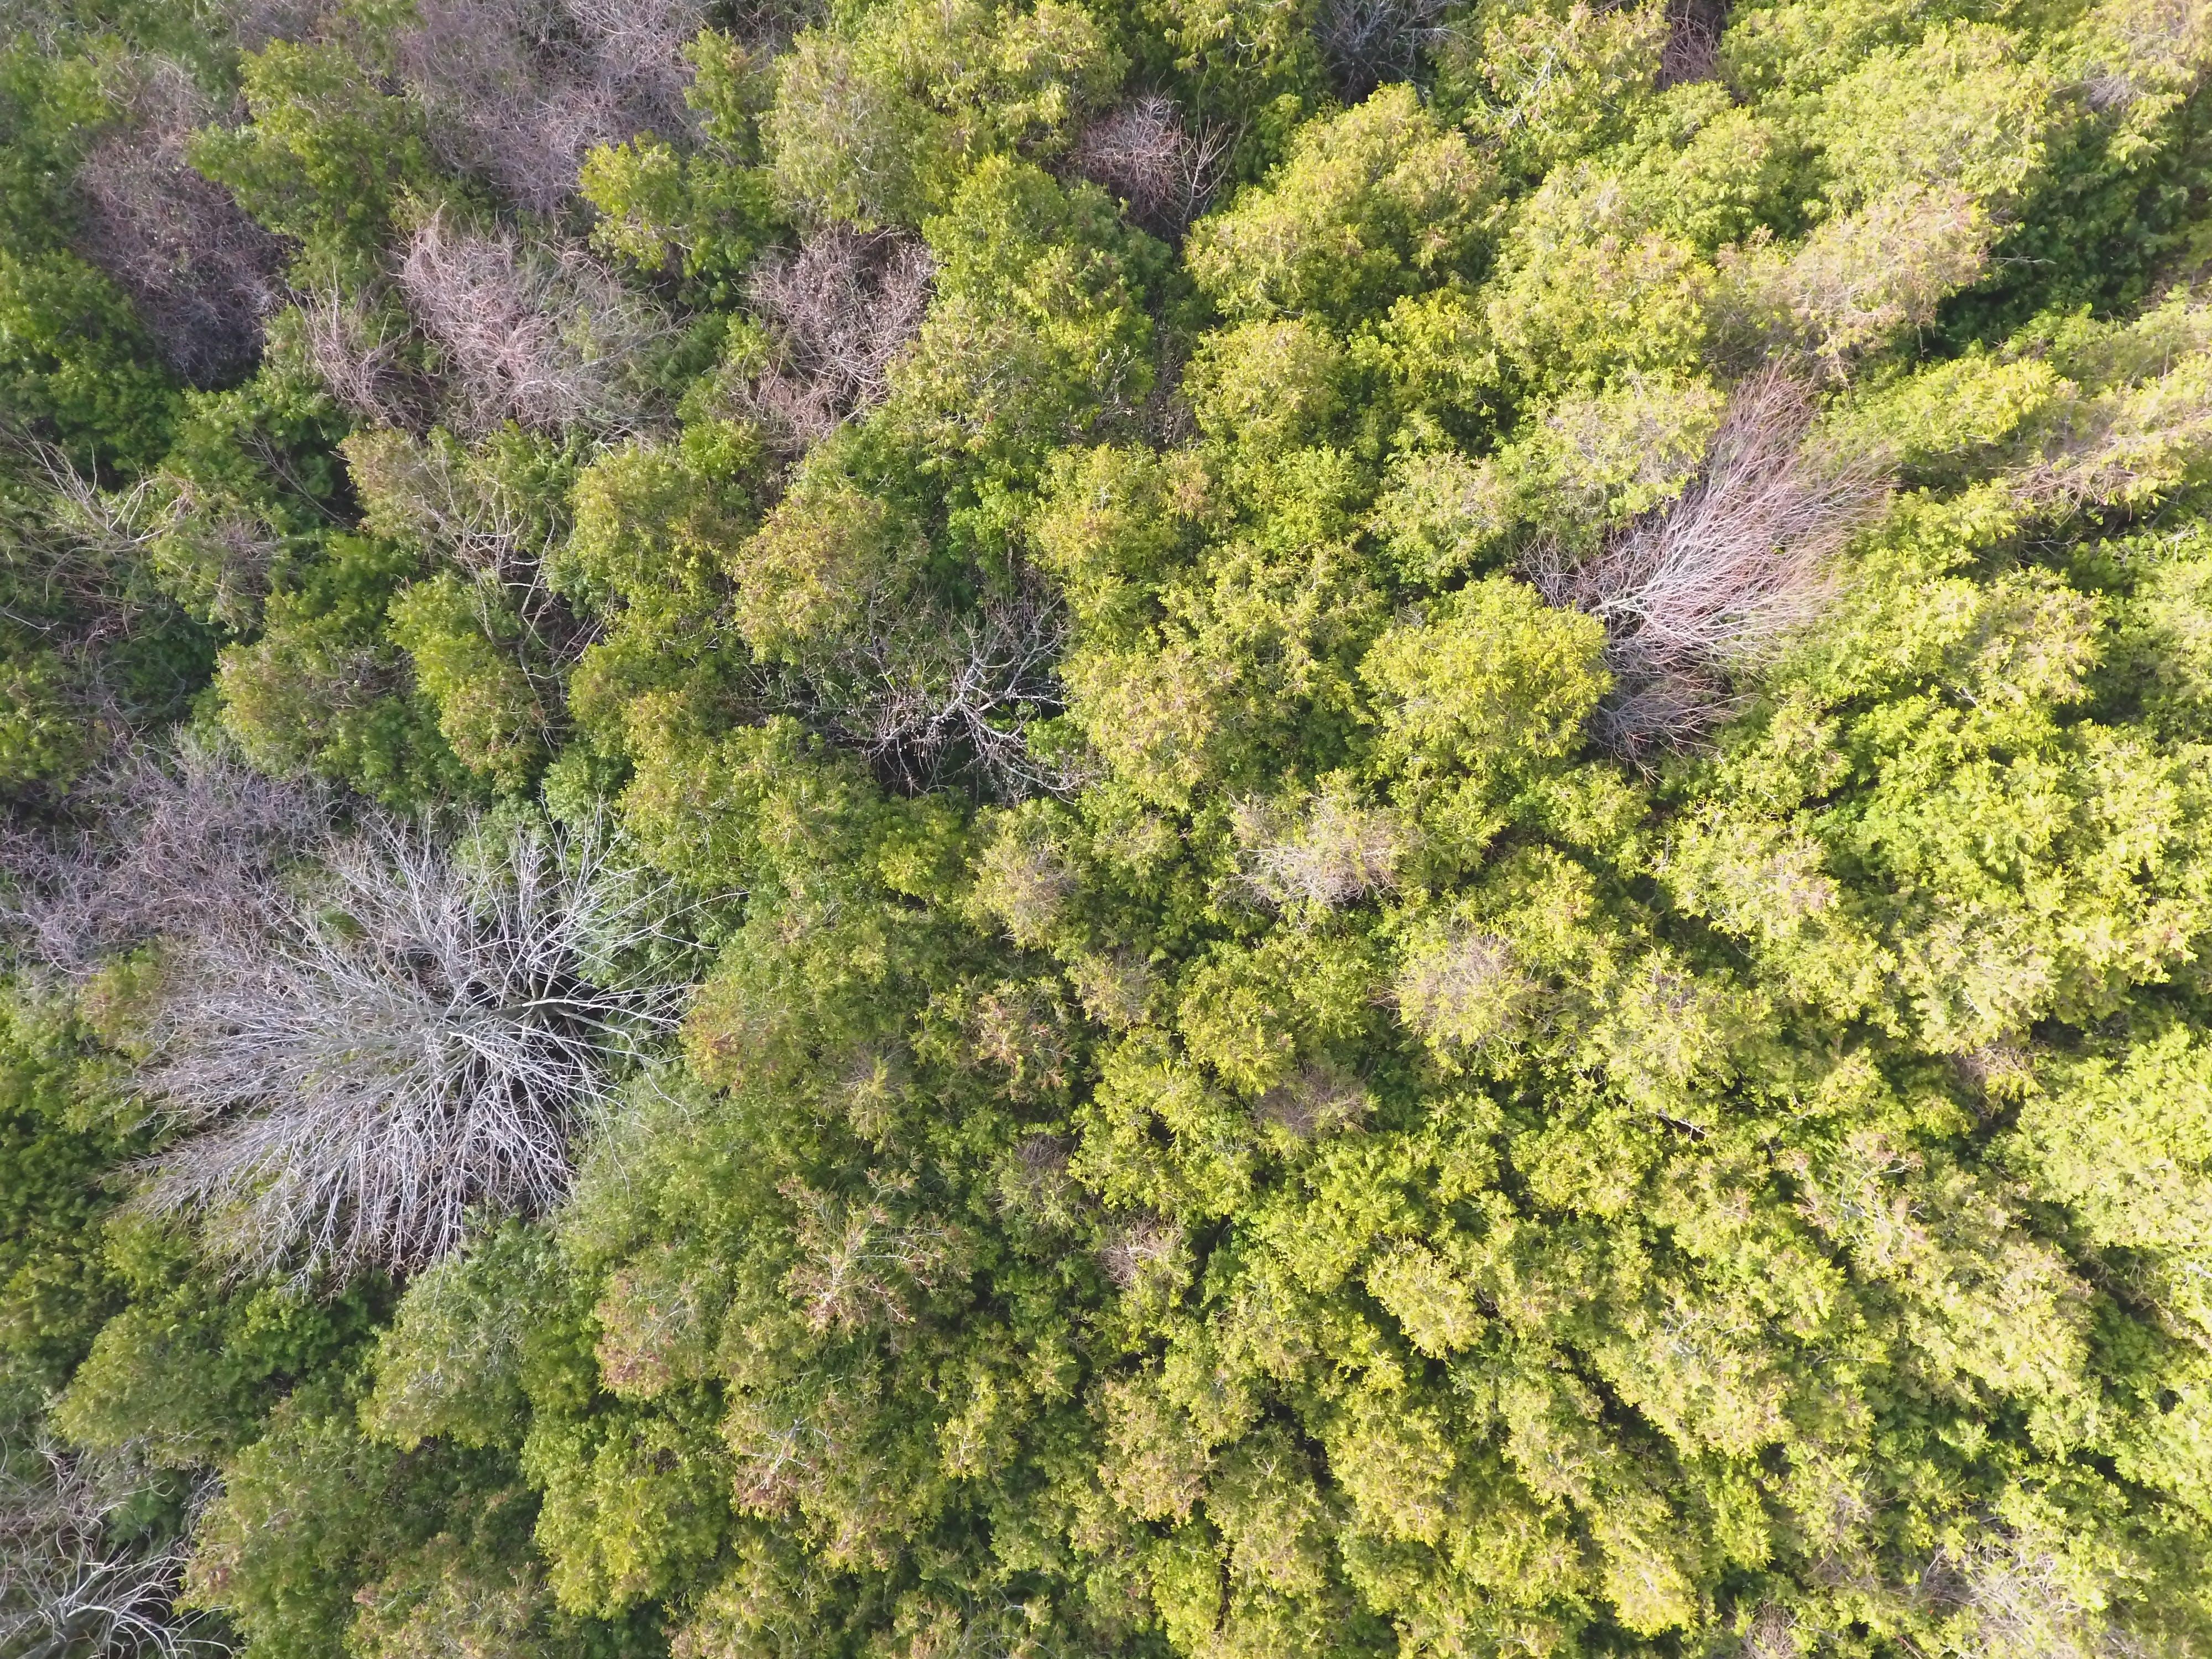 ağaçlar, büyüme, çevre, geniş açılı çekim içeren Ücretsiz stok fotoğraf